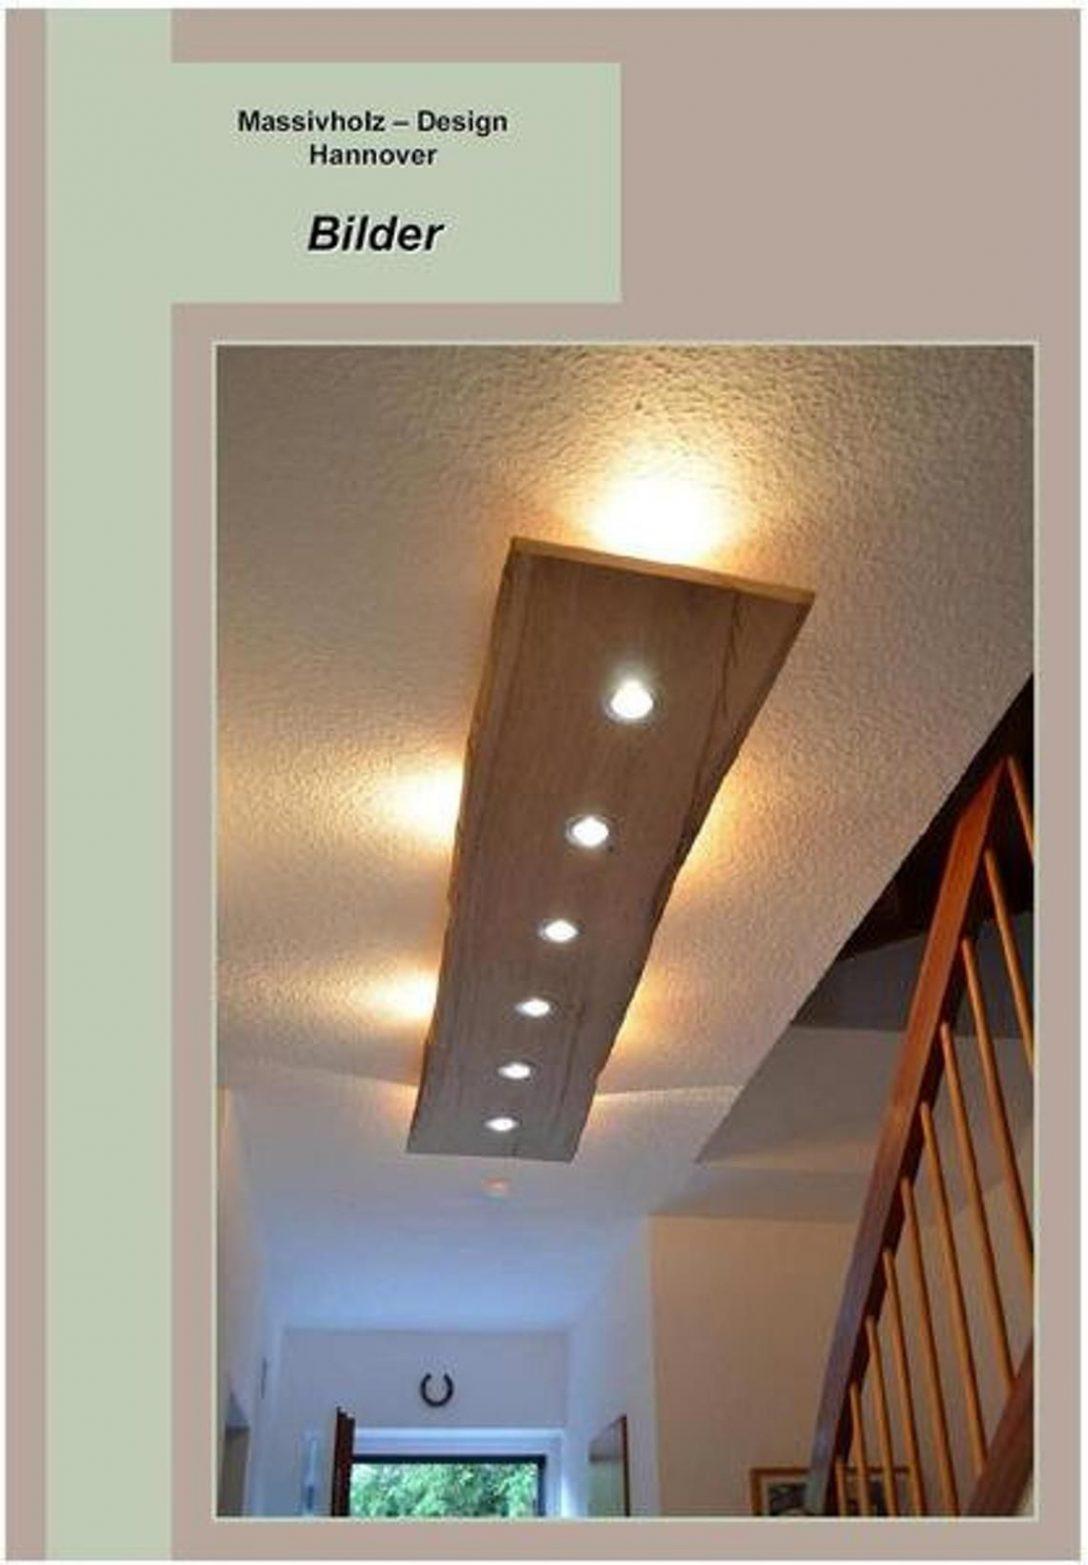 Large Size of Deckenlampen Wohnzimmer Ebay Deckenlampe Led Dimmbar Ikea Kleinanzeigen Obi Test Rustikal Kamin Teppiche Landhausstil Fototapeten Tapete Stehlampe Wohnzimmer Deckenlampen Wohnzimmer